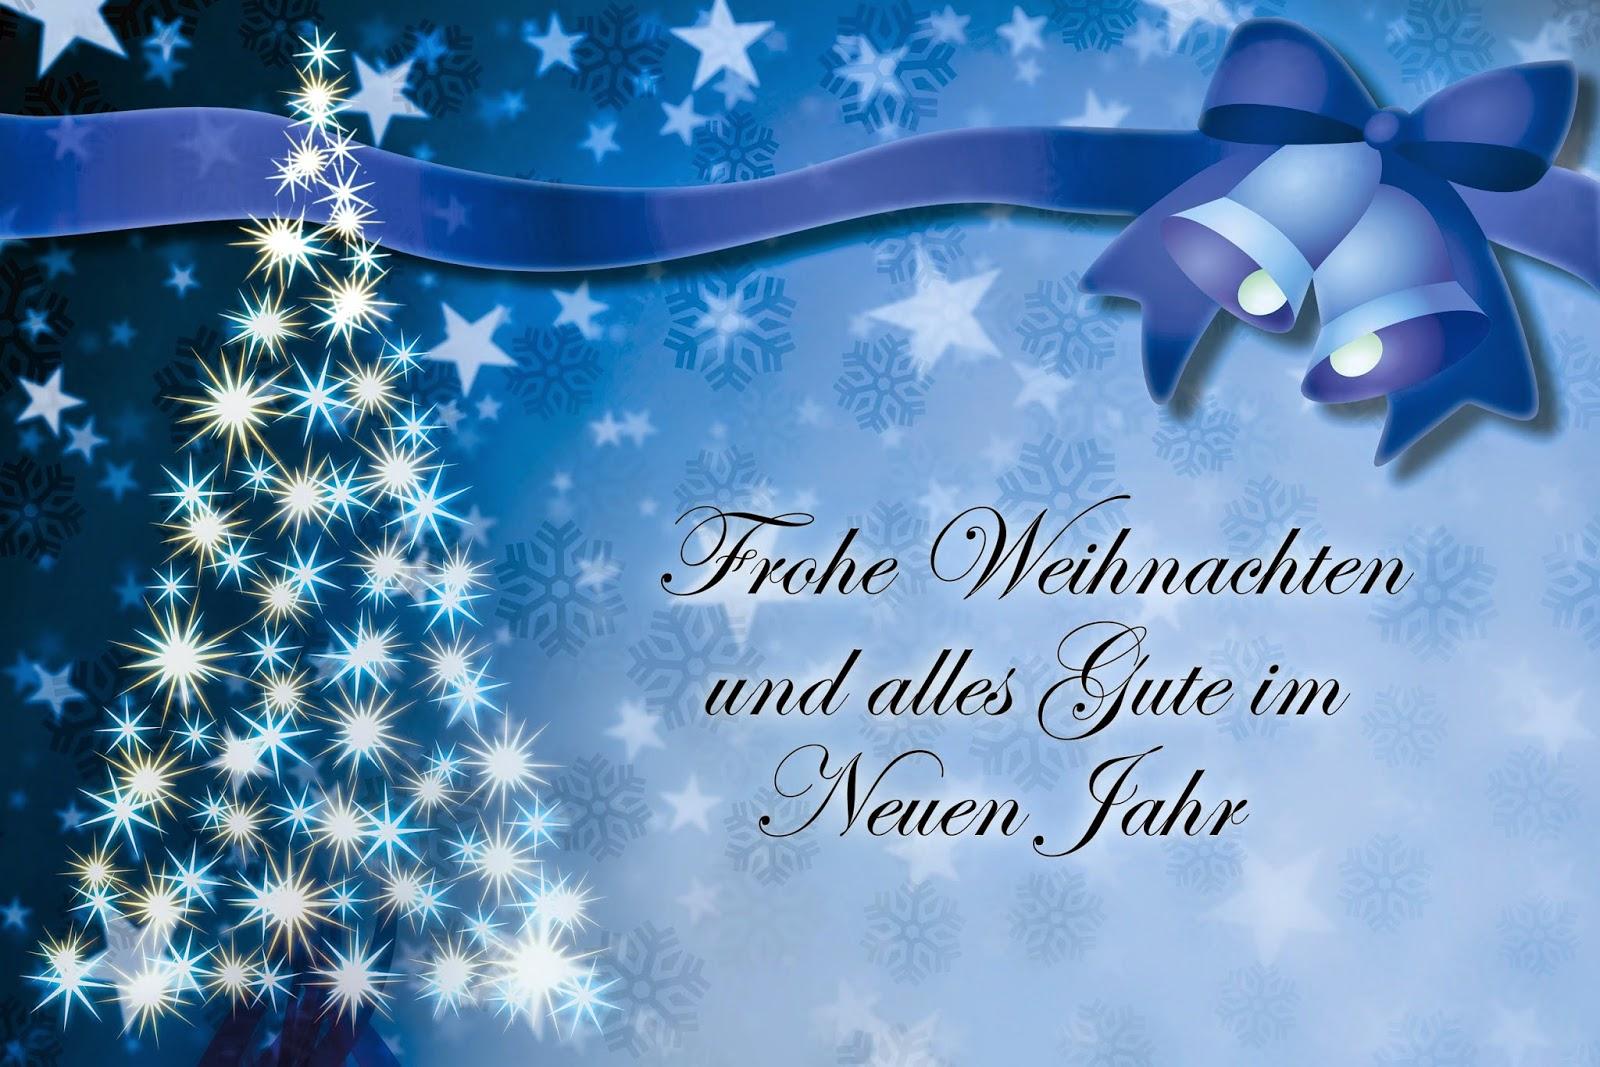 Frohe Weihnachten wünscht und glückliches neues Jahr 2015 Wünsche